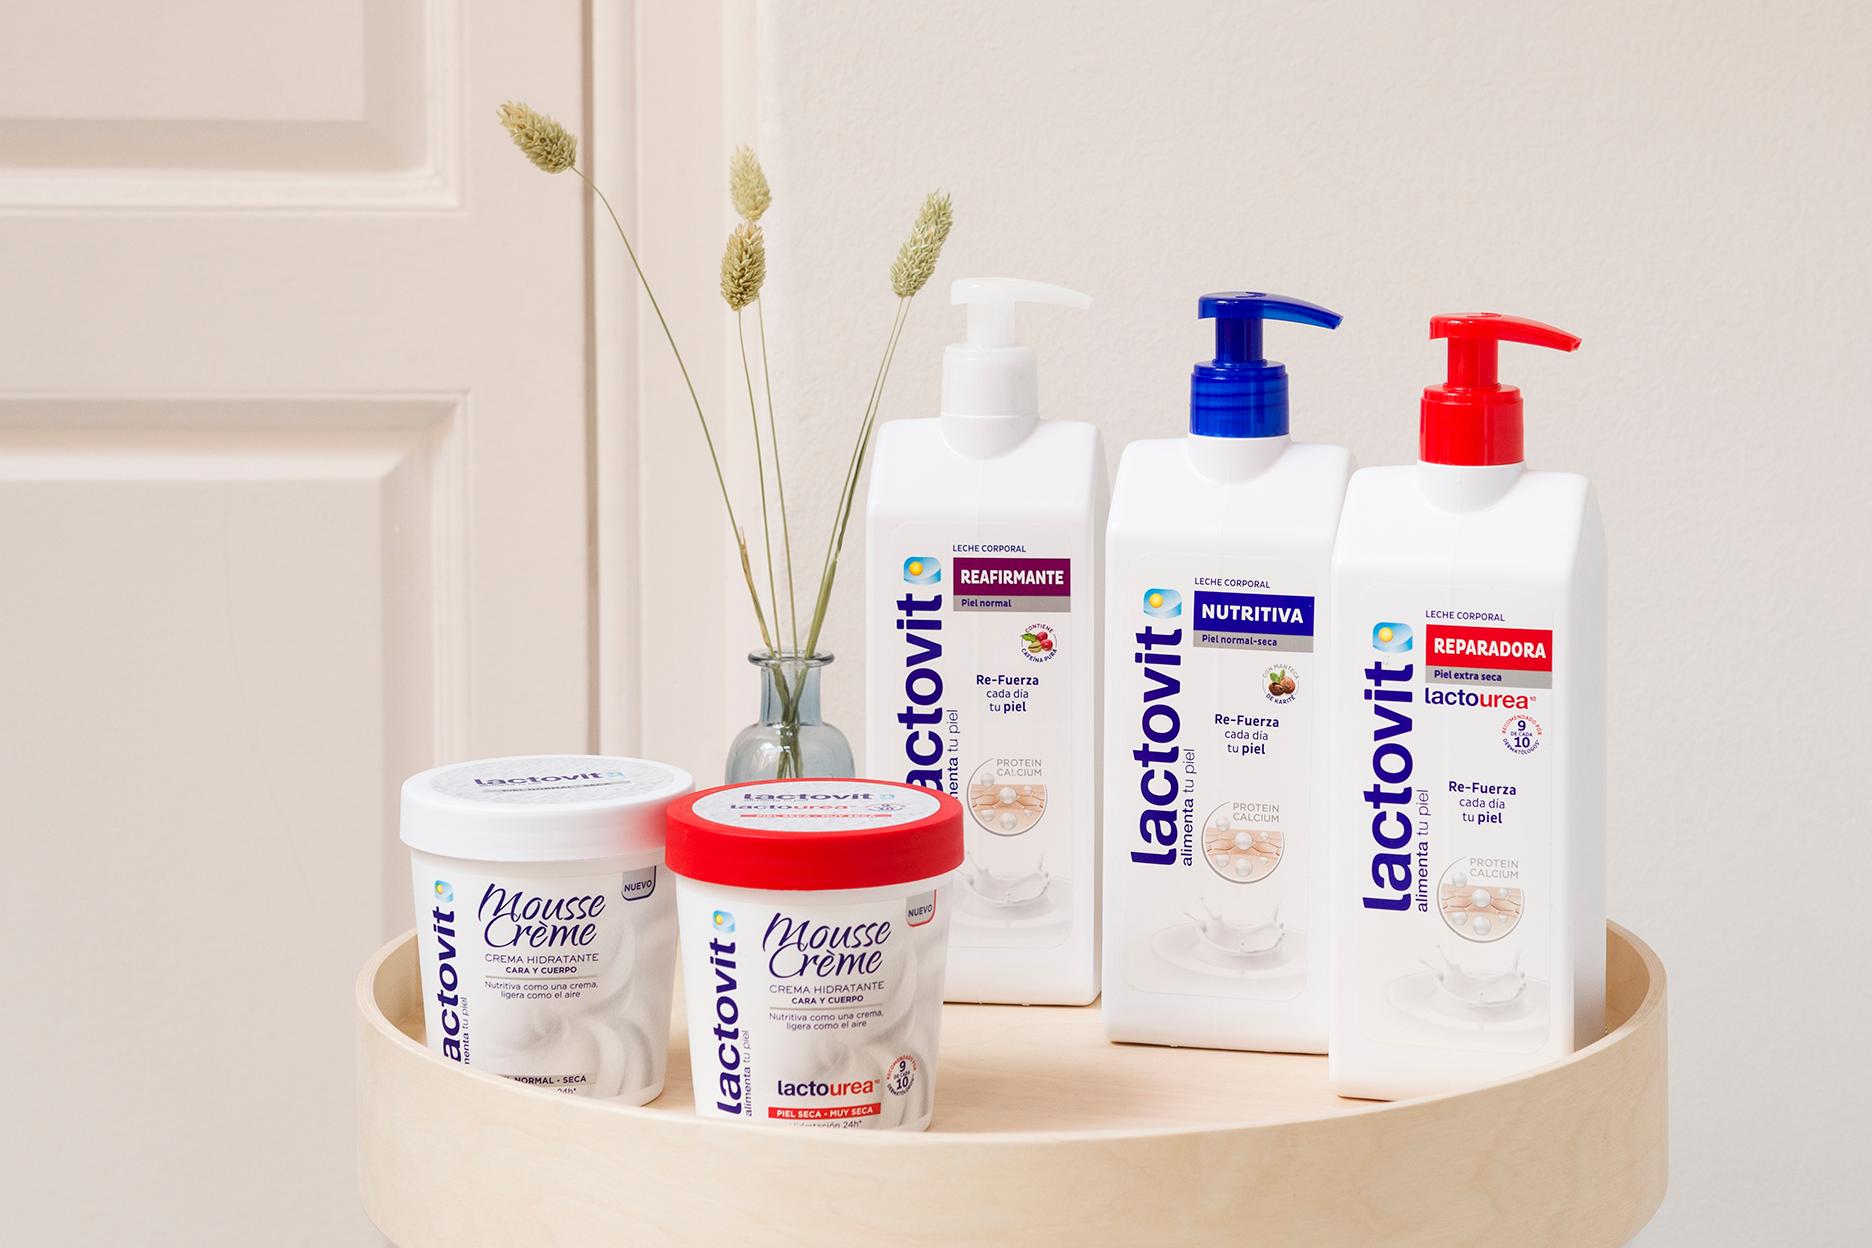 crema mousse y leche corporal lactovit, gama de productos para hidratar tu piel